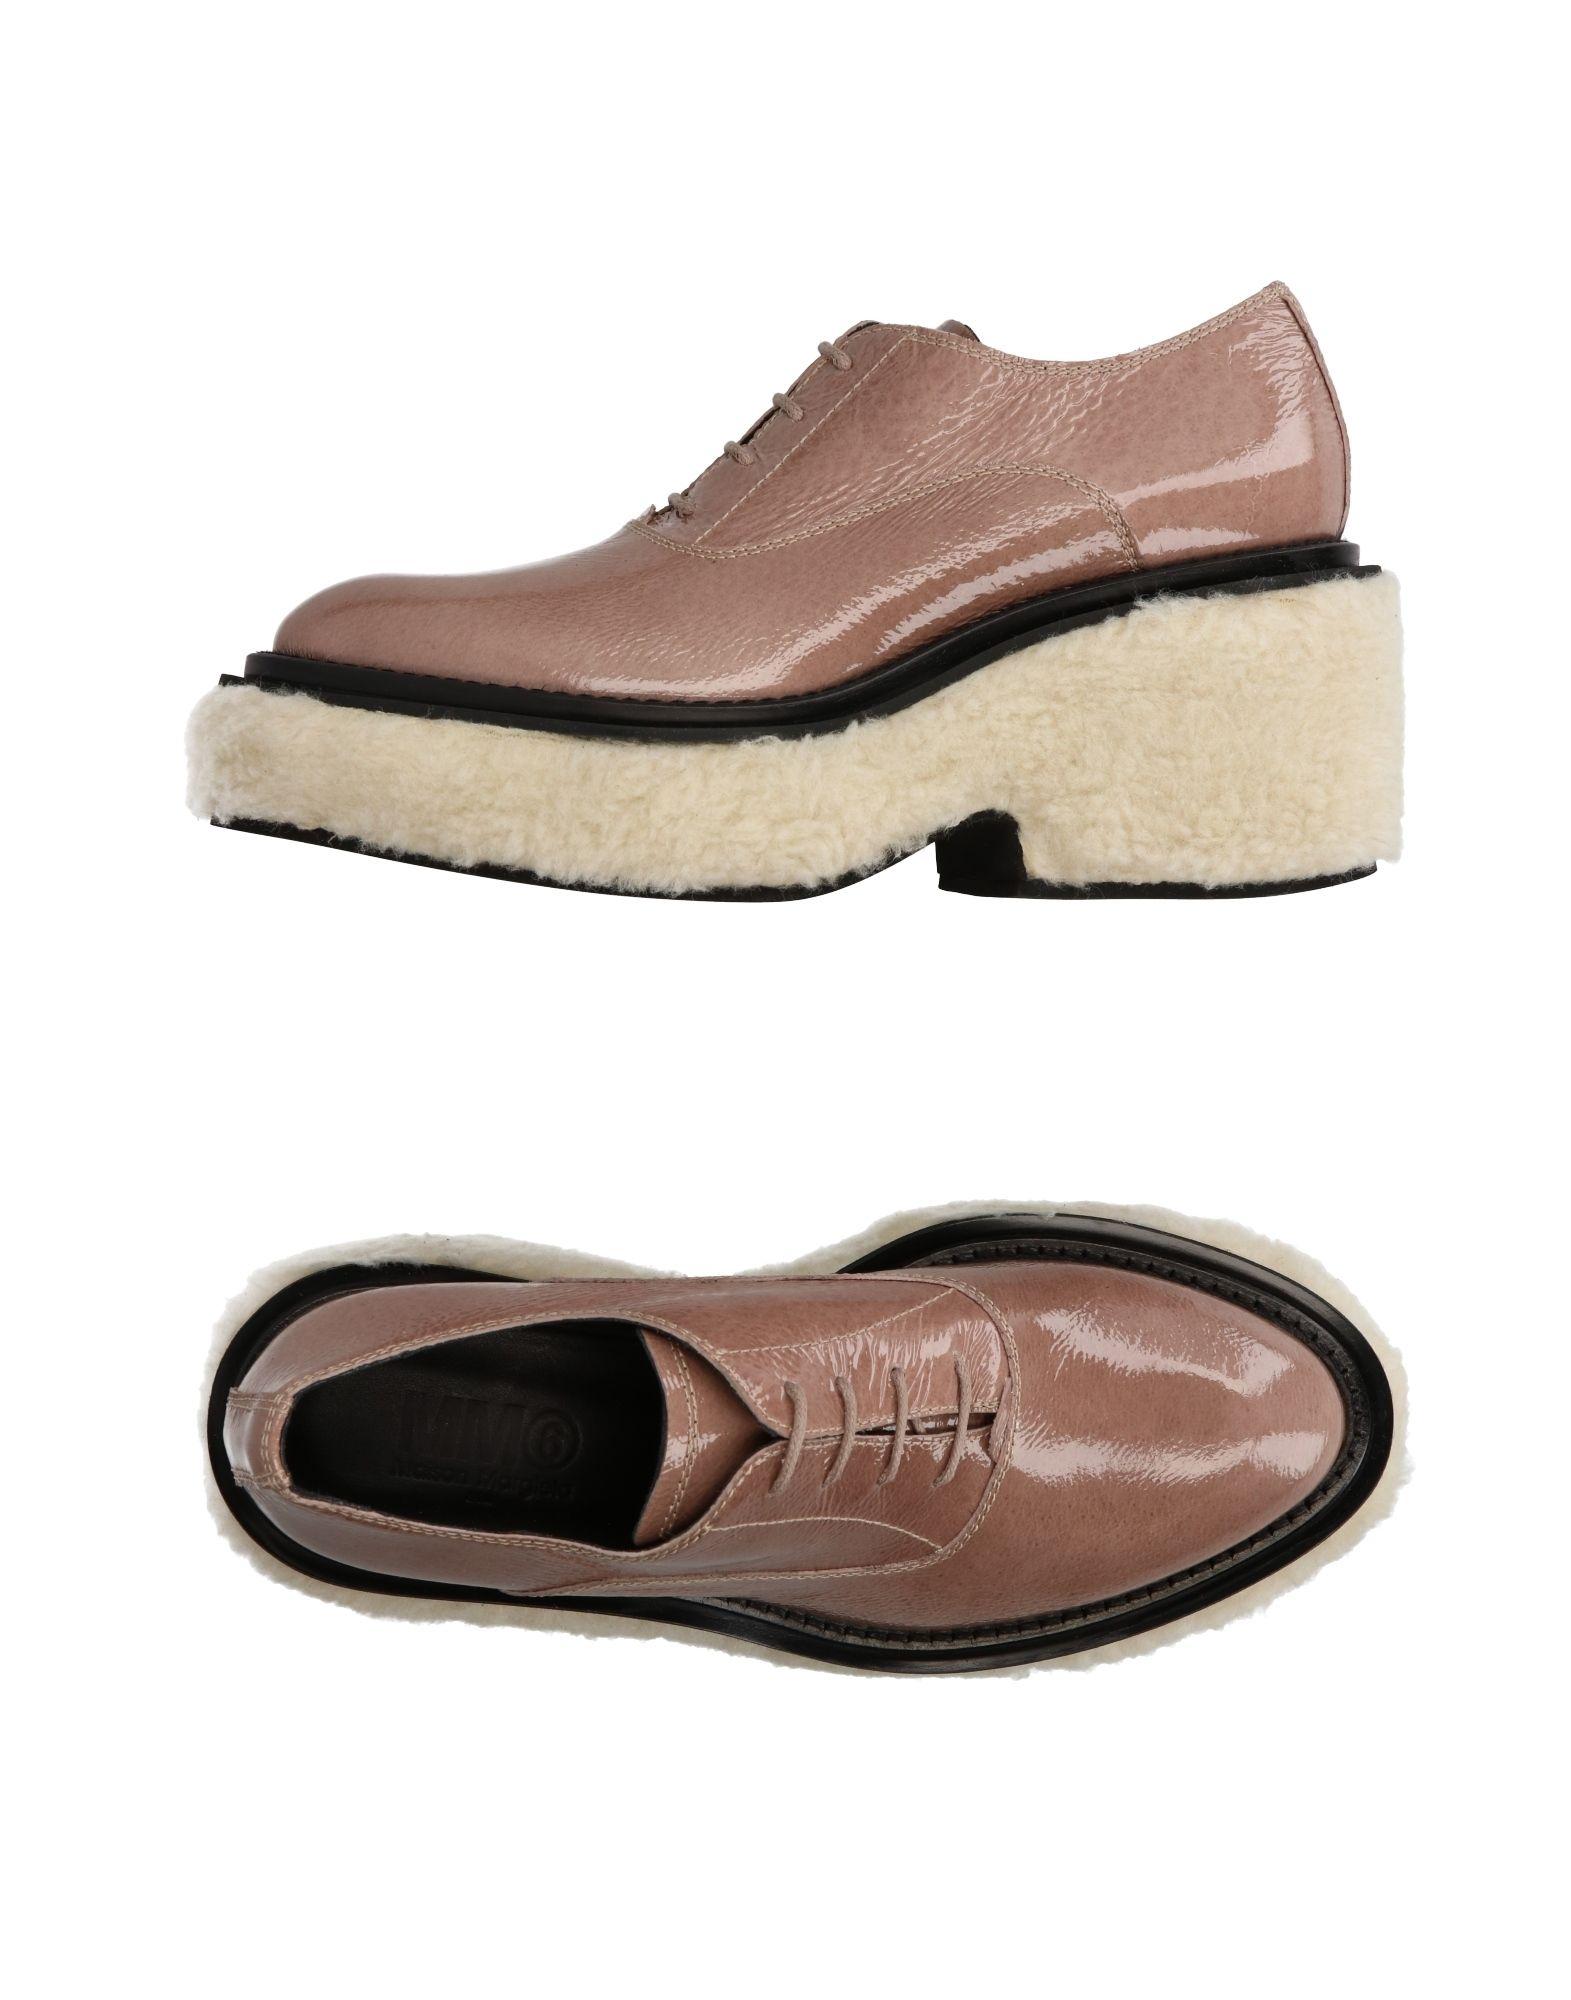 Mm6 Schnürschuhe Maison Margiela Schnürschuhe Mm6 Damen  11240030NH Neue Schuhe 3167d2